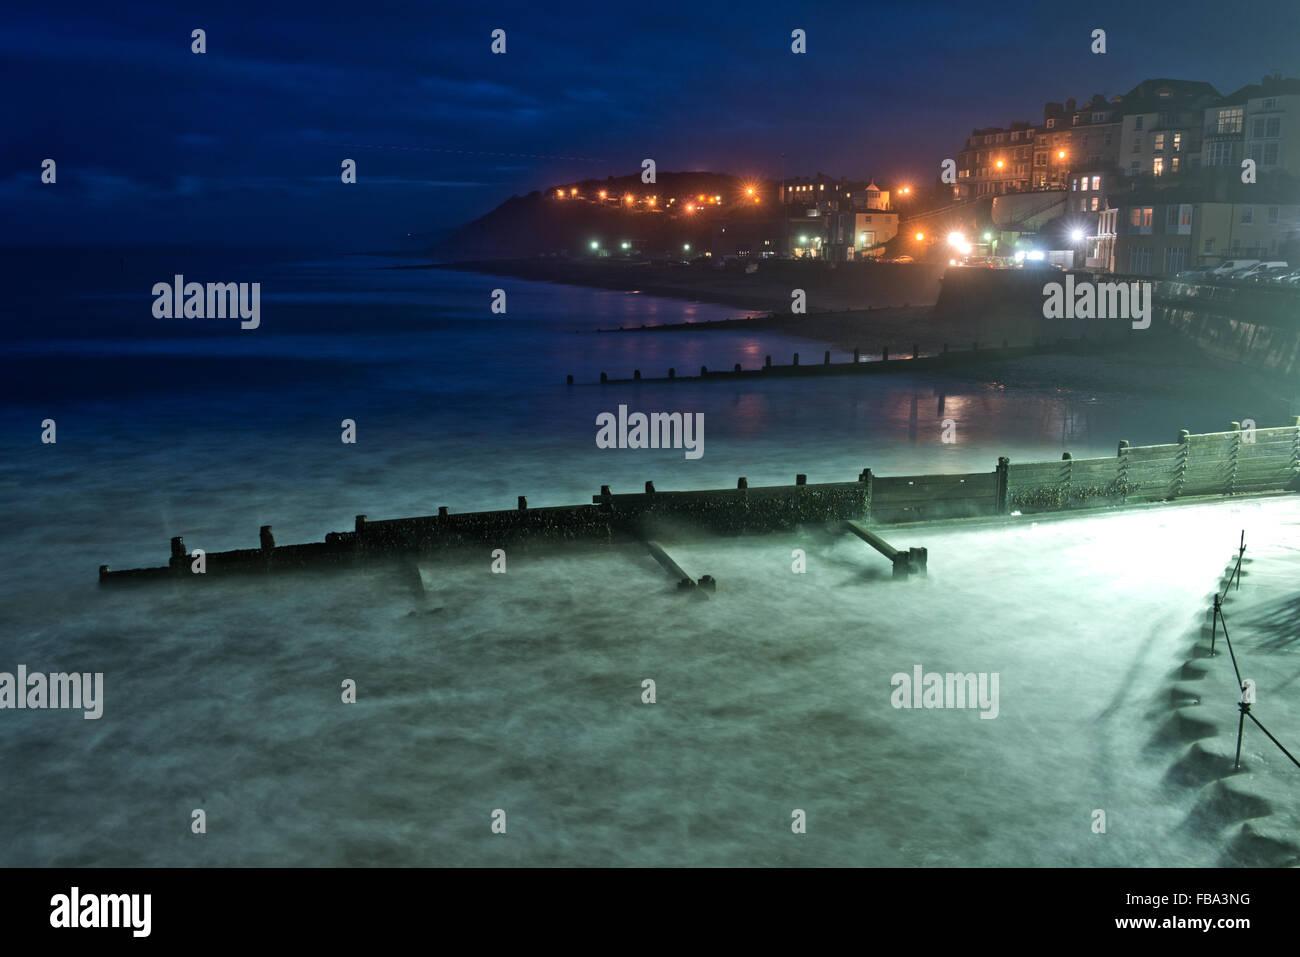 Vue de nuit de Cromer, Norfolk, Royaume-Uni. Prise de la jetée. Photo Stock